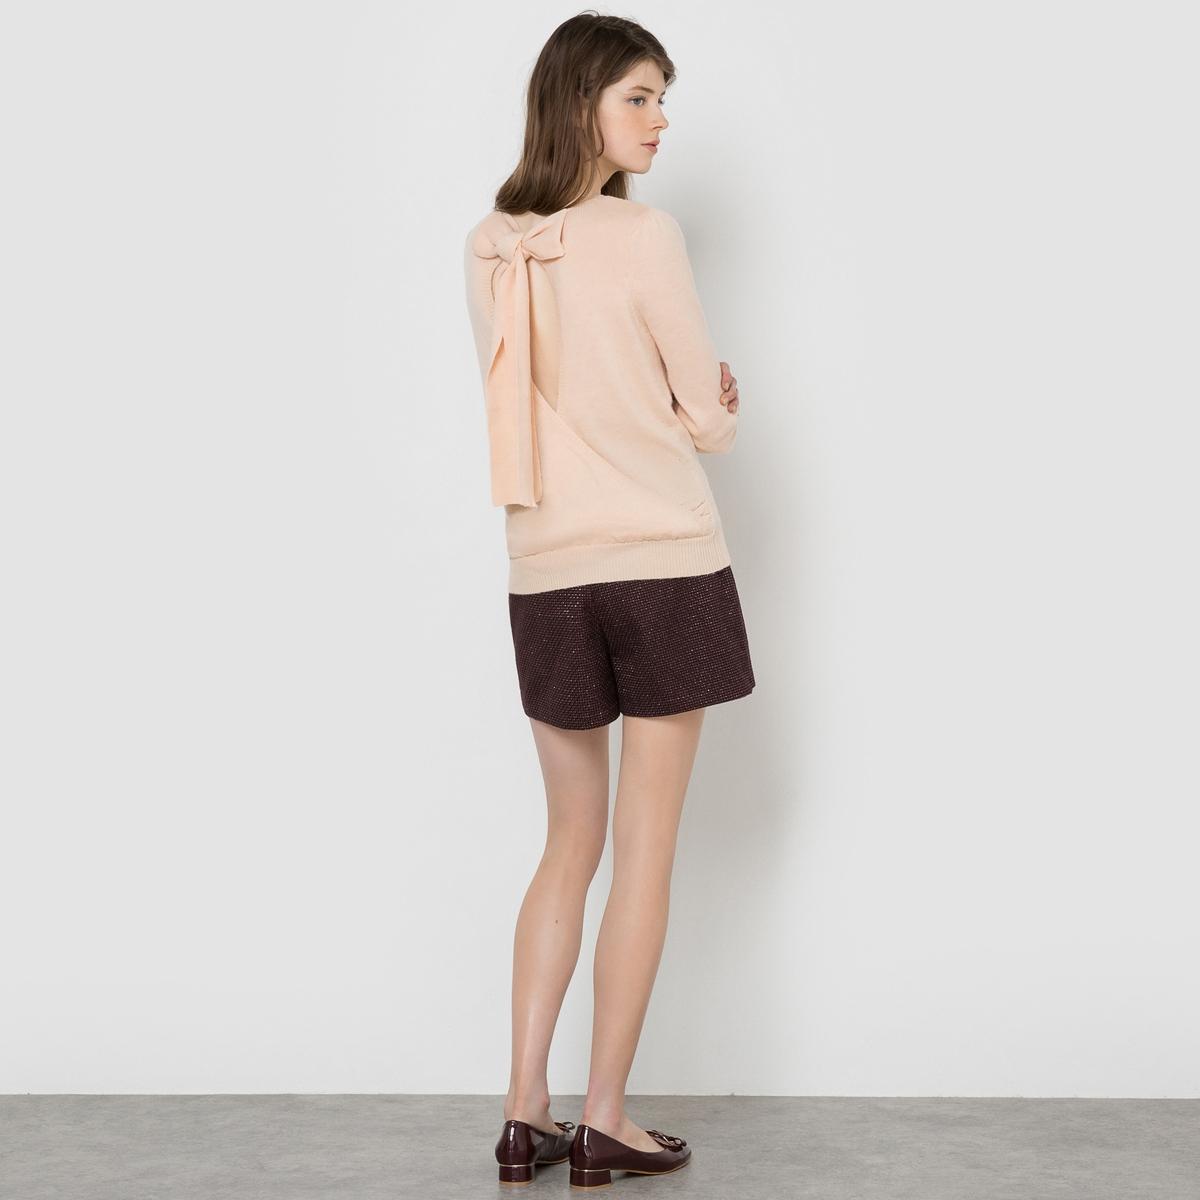 Пуловер с бантом сзадиСделайте ваш наряд стильным, выбрав этот пуловер с открытой спинкой и с большим бантом. Круглый вырез, длинные рукава. Присборенный верх рукавов. Отделка в виде вязки в рубчик. Состав и описание : Материал Трикотаж 83% полиамида, 17% альпага Длина: 58 смБренд: Mademoiselle R  Уход :Ручная стирка.Стирать и гладить с изнанки.Машинная сушка запрещена.Гладить на низкой температуре.<br><br>Цвет: телесный<br>Размер: 38/40 (FR) - 44/46 (RUS).42/44 (FR) - 48/50 (RUS)